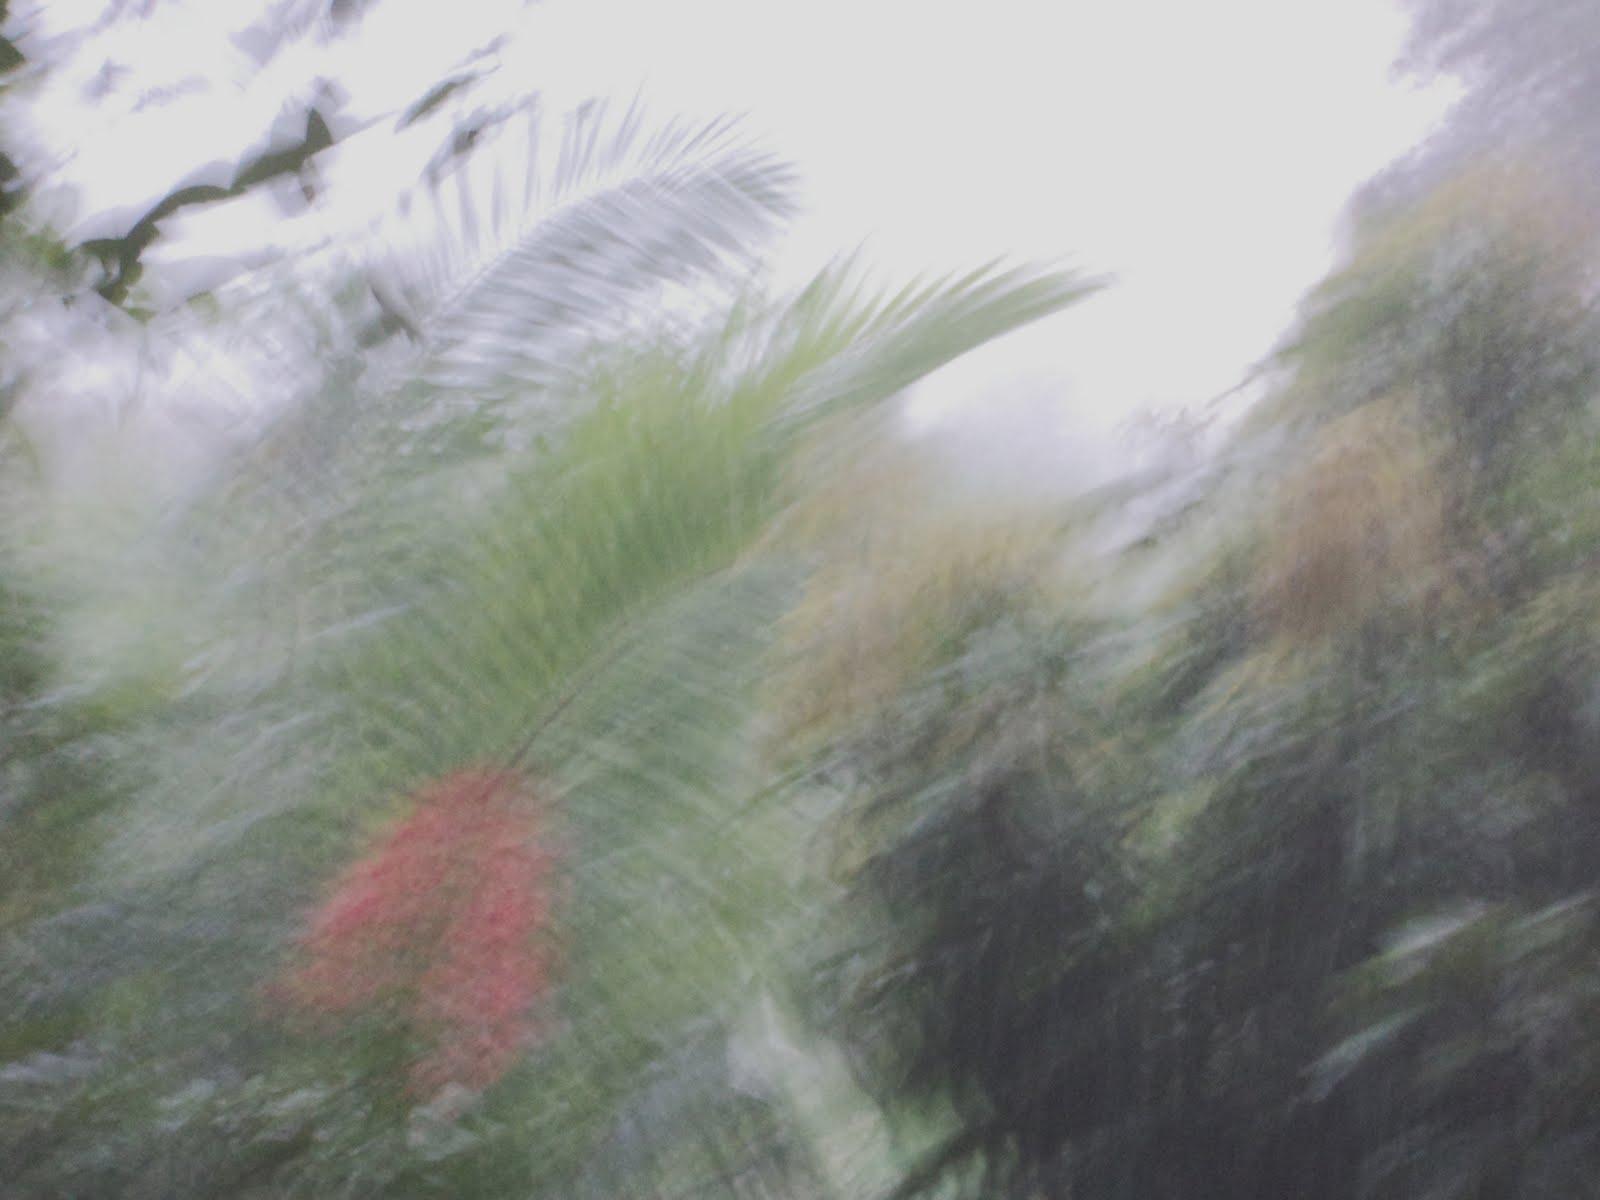 'Golf monsoon system haikus for kids about summertime monsoons, 2001 sunfire monsoon radio'